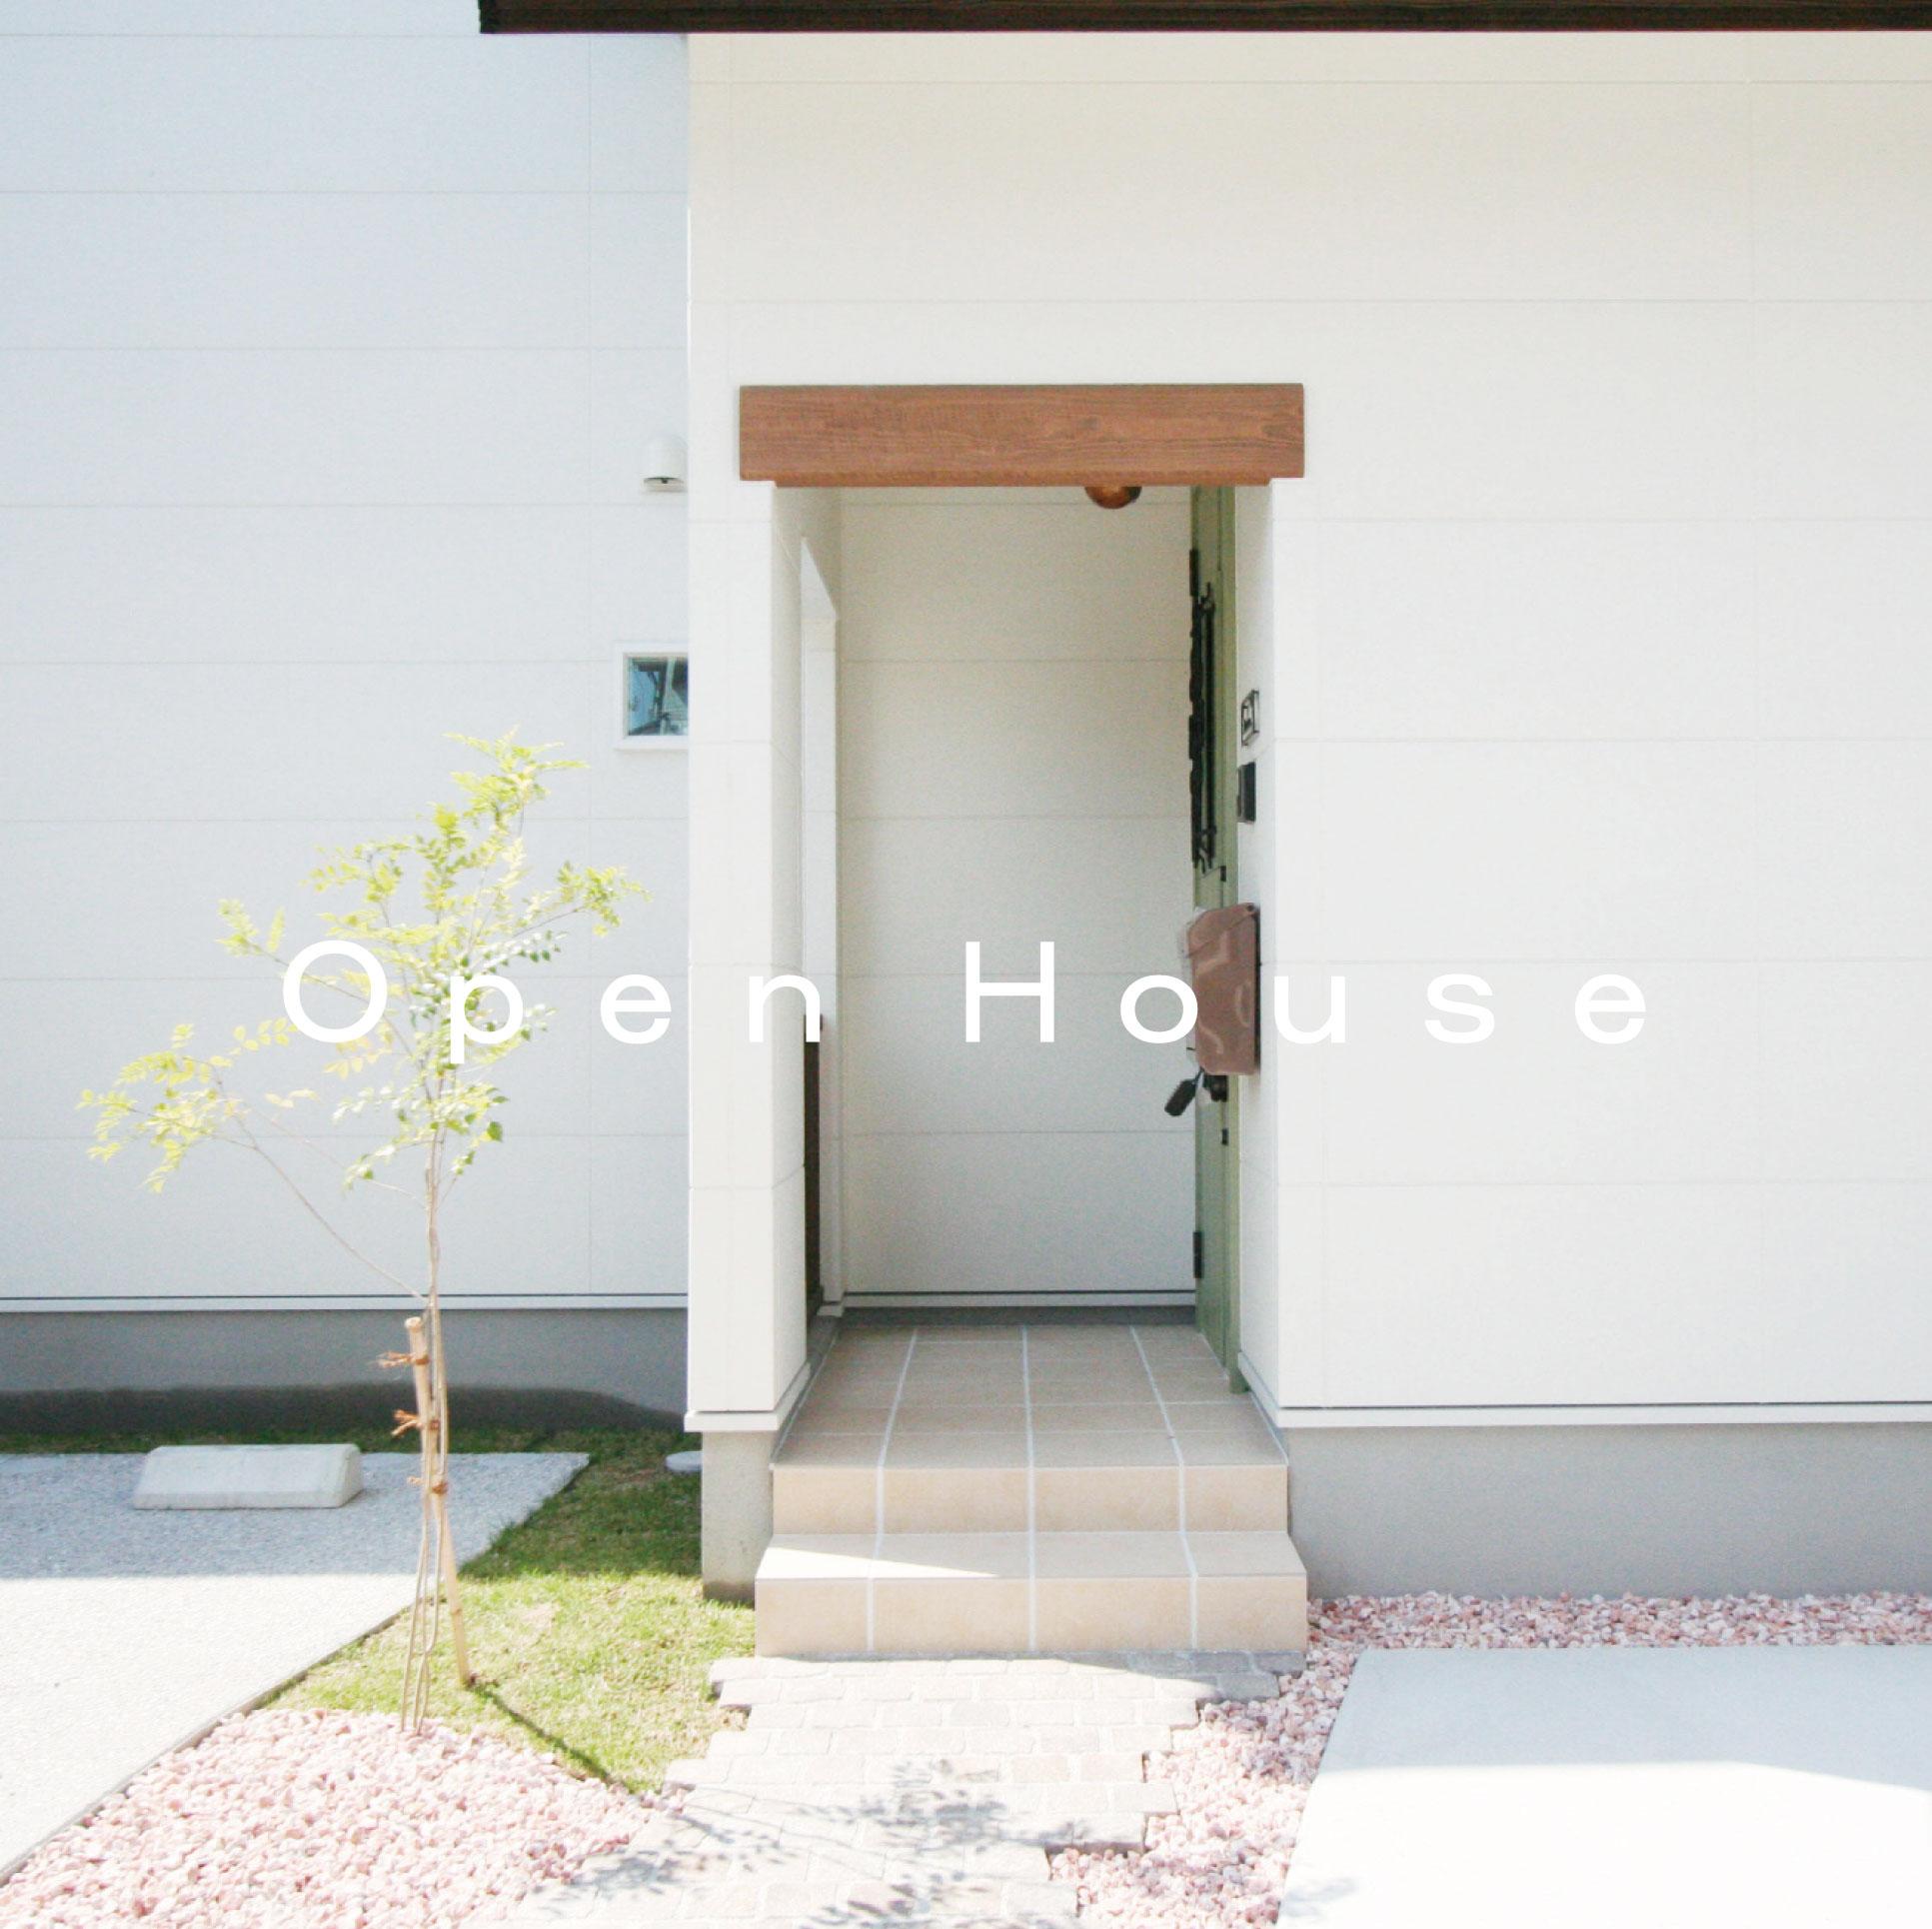 高知市朝倉に瓦屋根のナチュラルハウスが完成しました。見学会を行います。